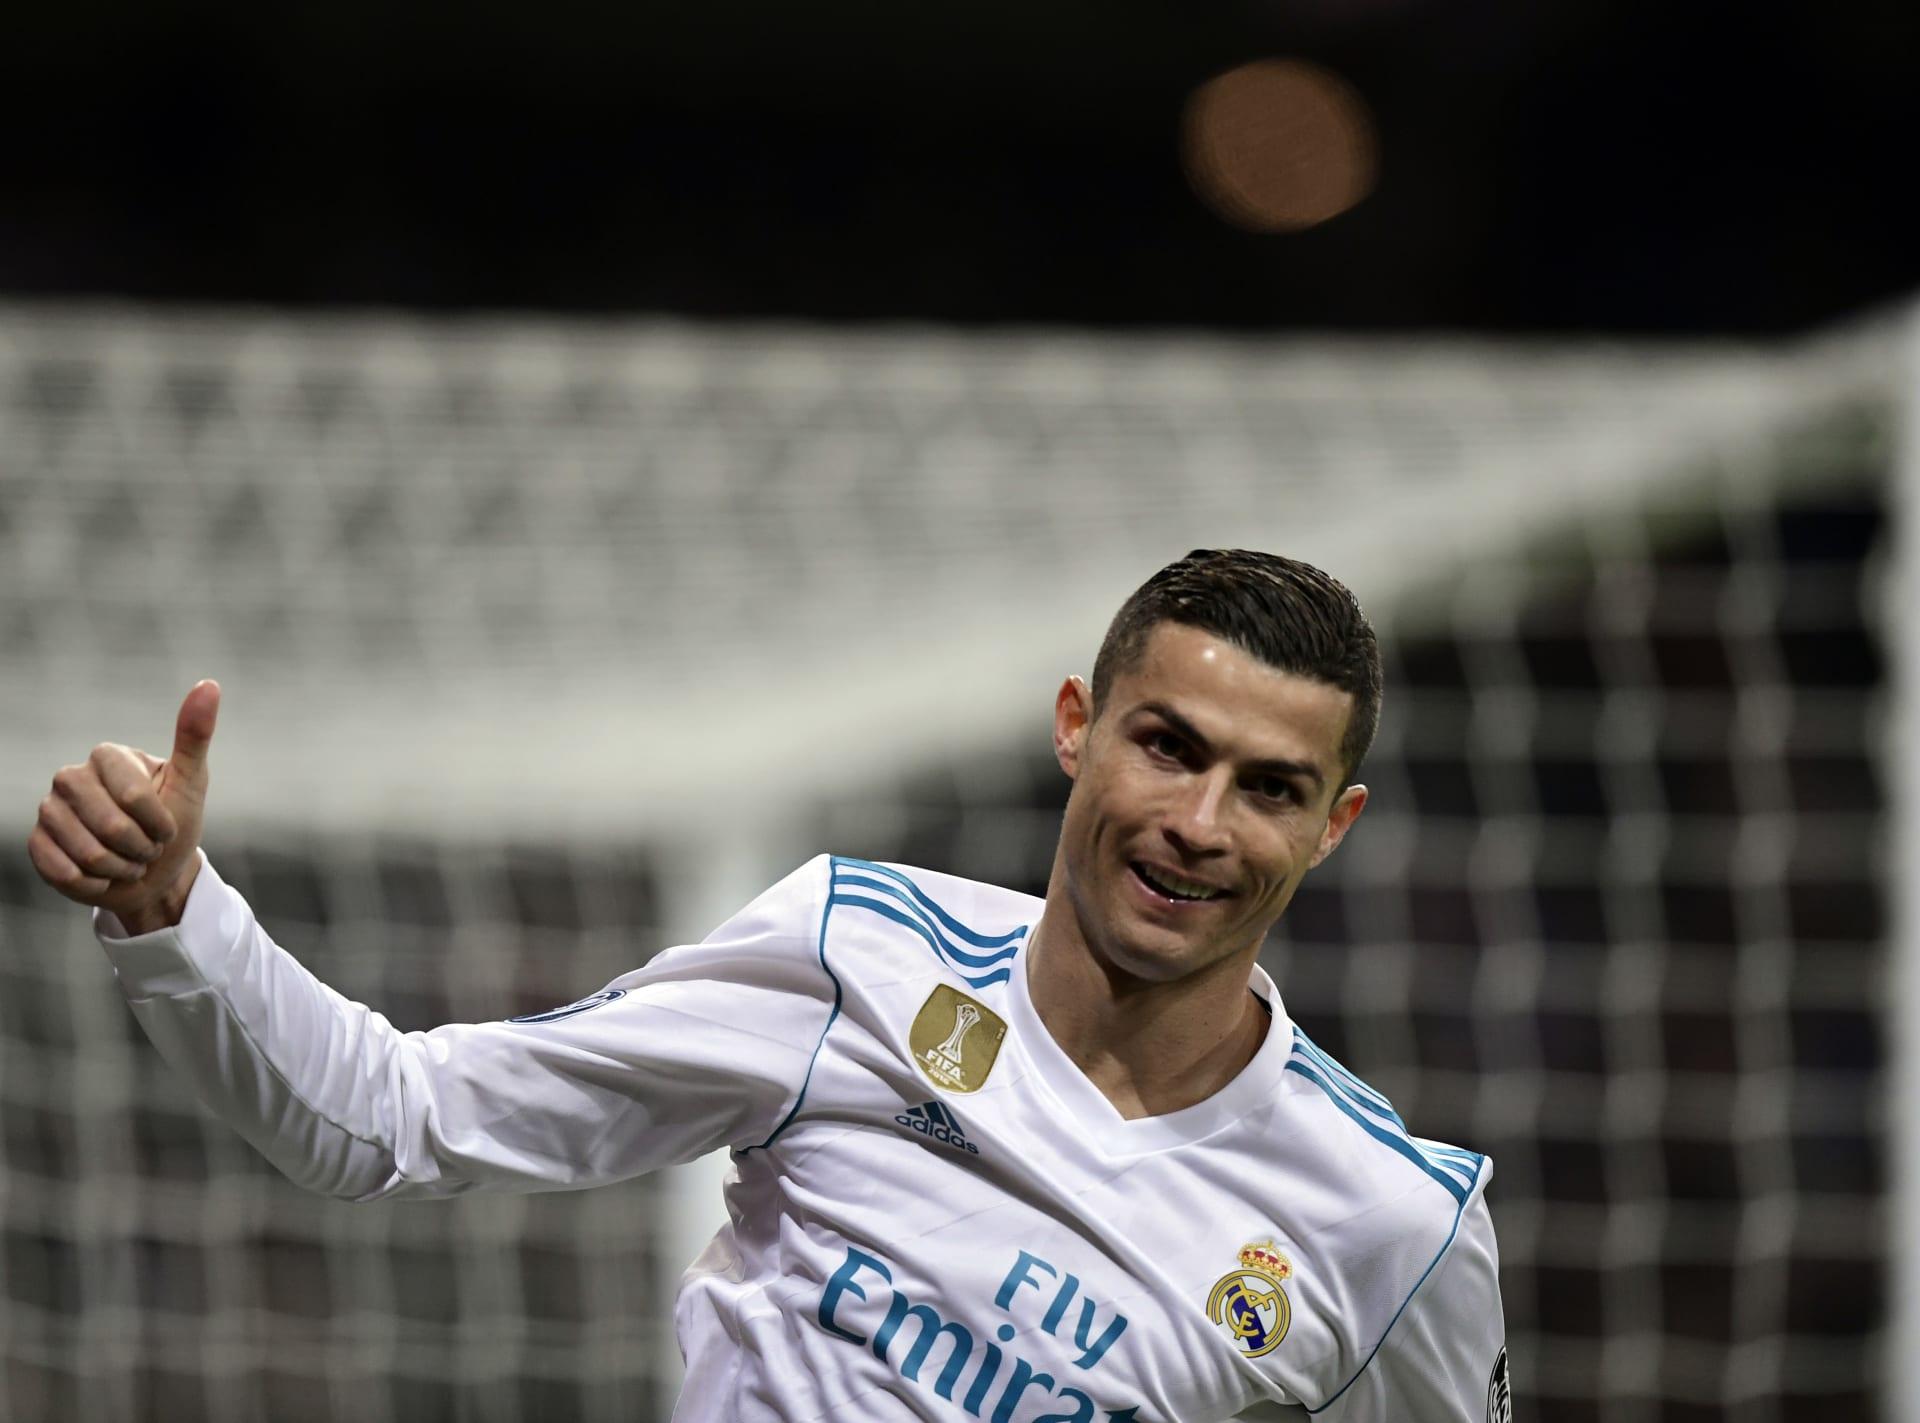 رونالدو يحقق الكرة الذهبية الخامسة ويعادل رقم ميسي